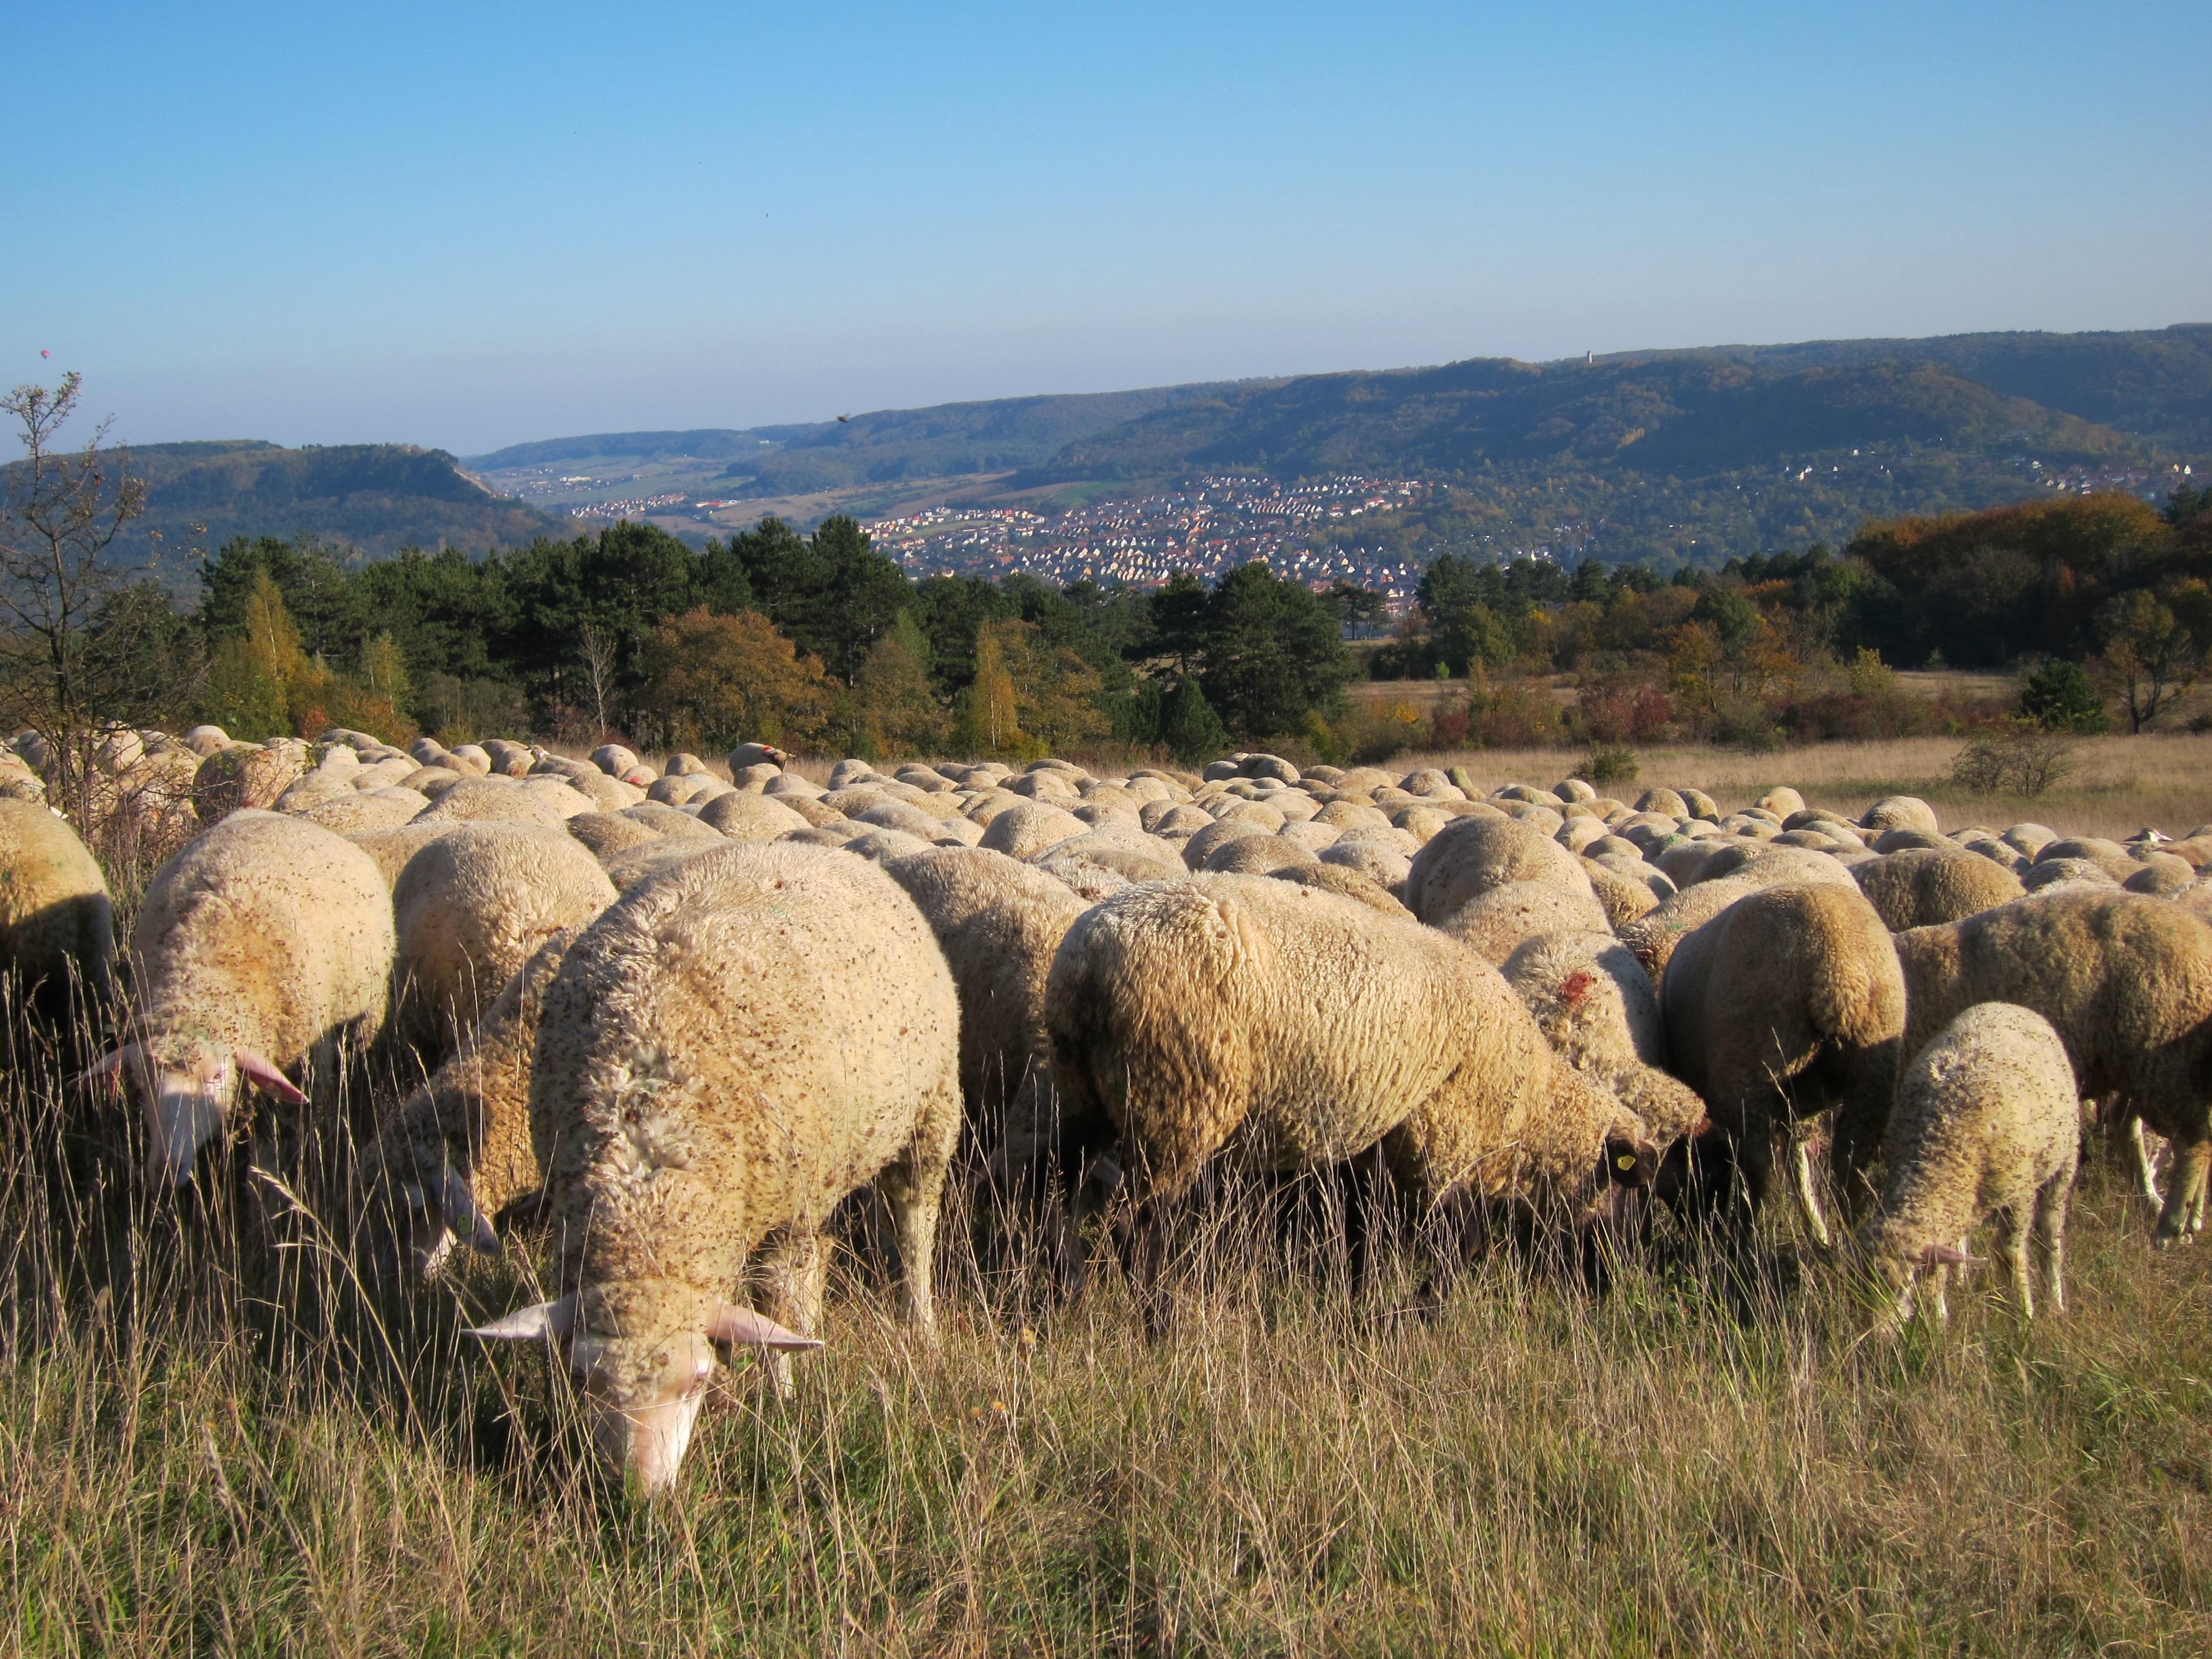 Herde  Kostenlose foto : Wiese, Tierwelt, Herde, Weide, Weiden, Schaf ...